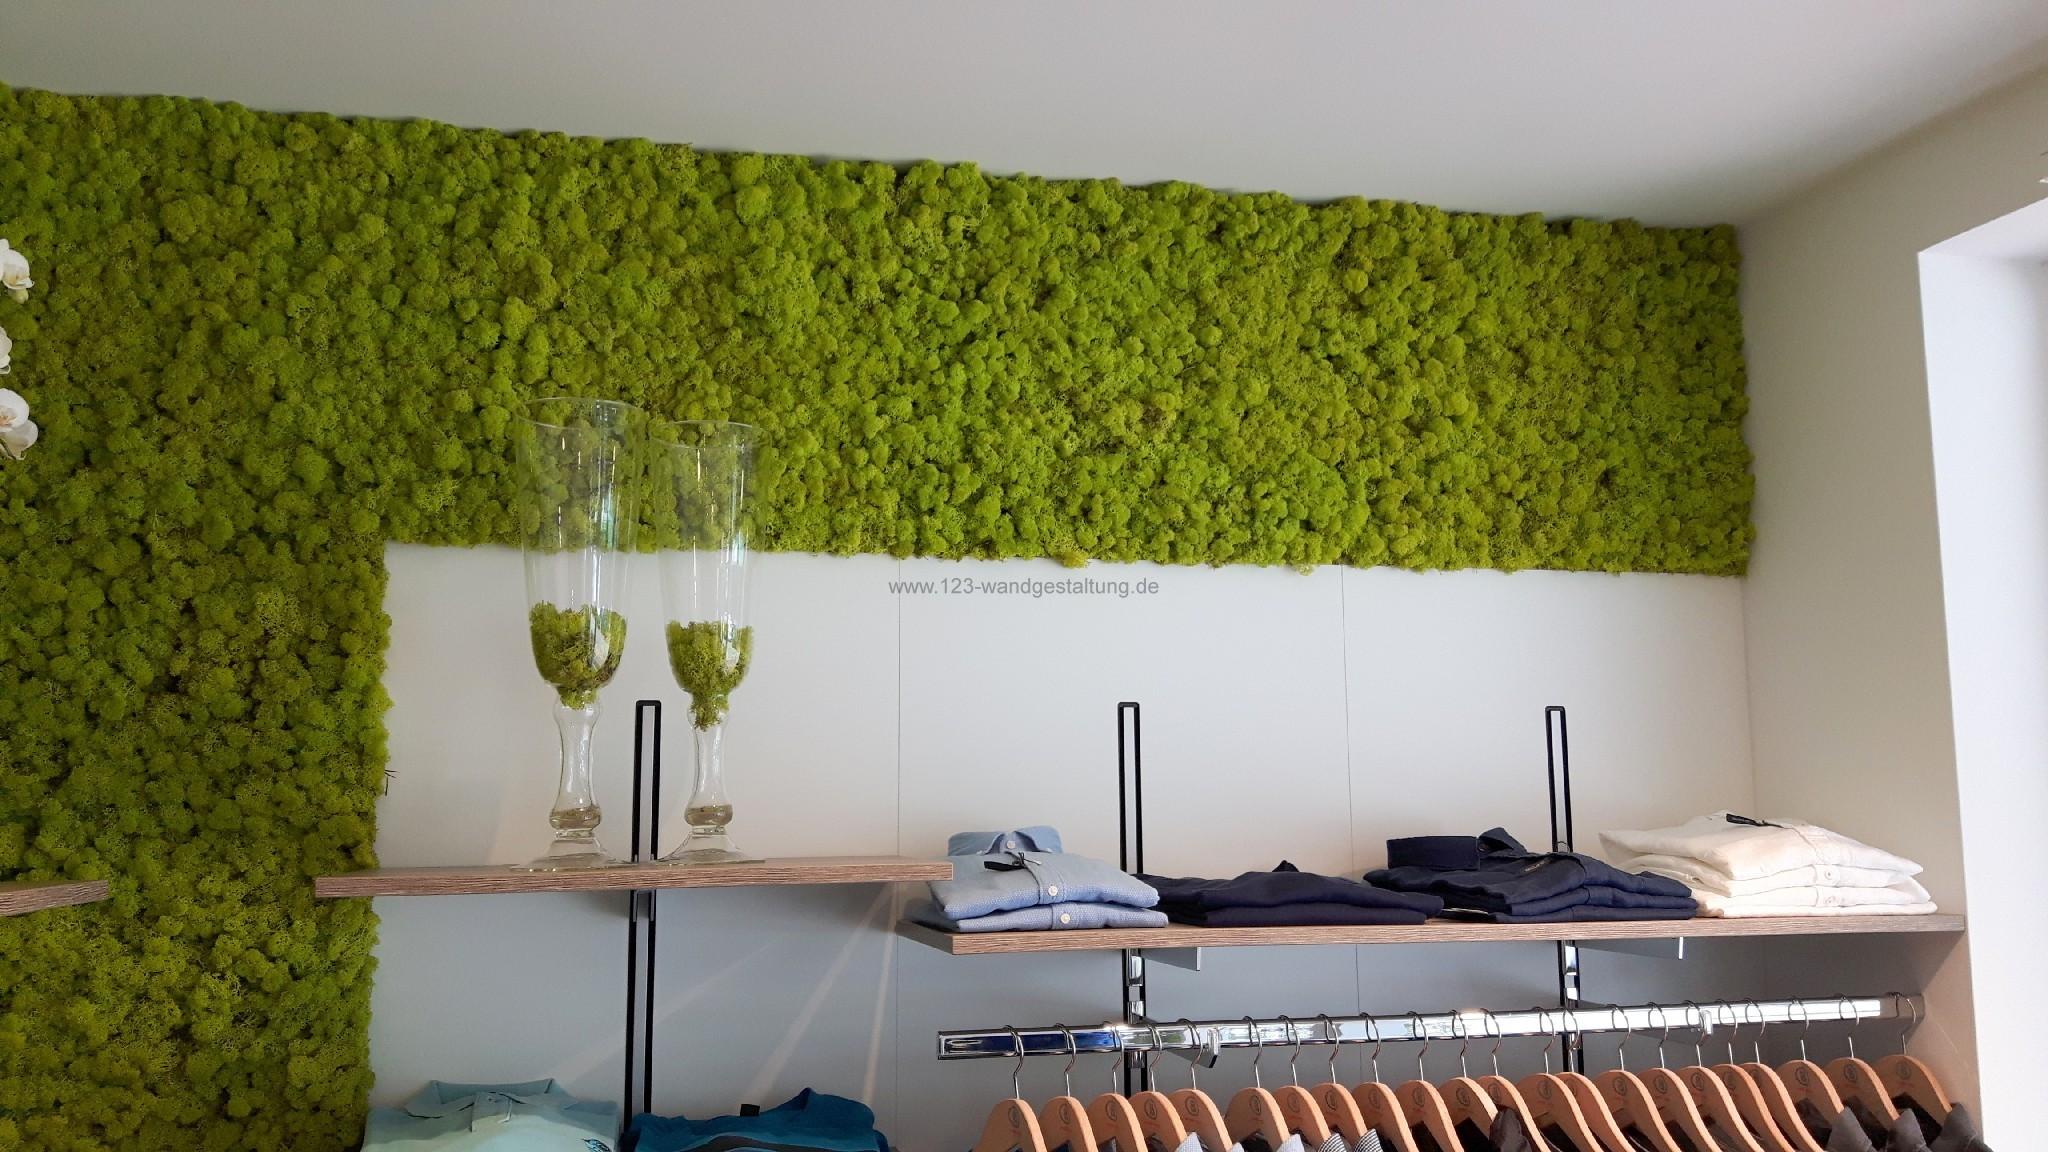 stabilisiertes moos archive der partner f r kreative wandgestaltung und fassadenverkleidung. Black Bedroom Furniture Sets. Home Design Ideas